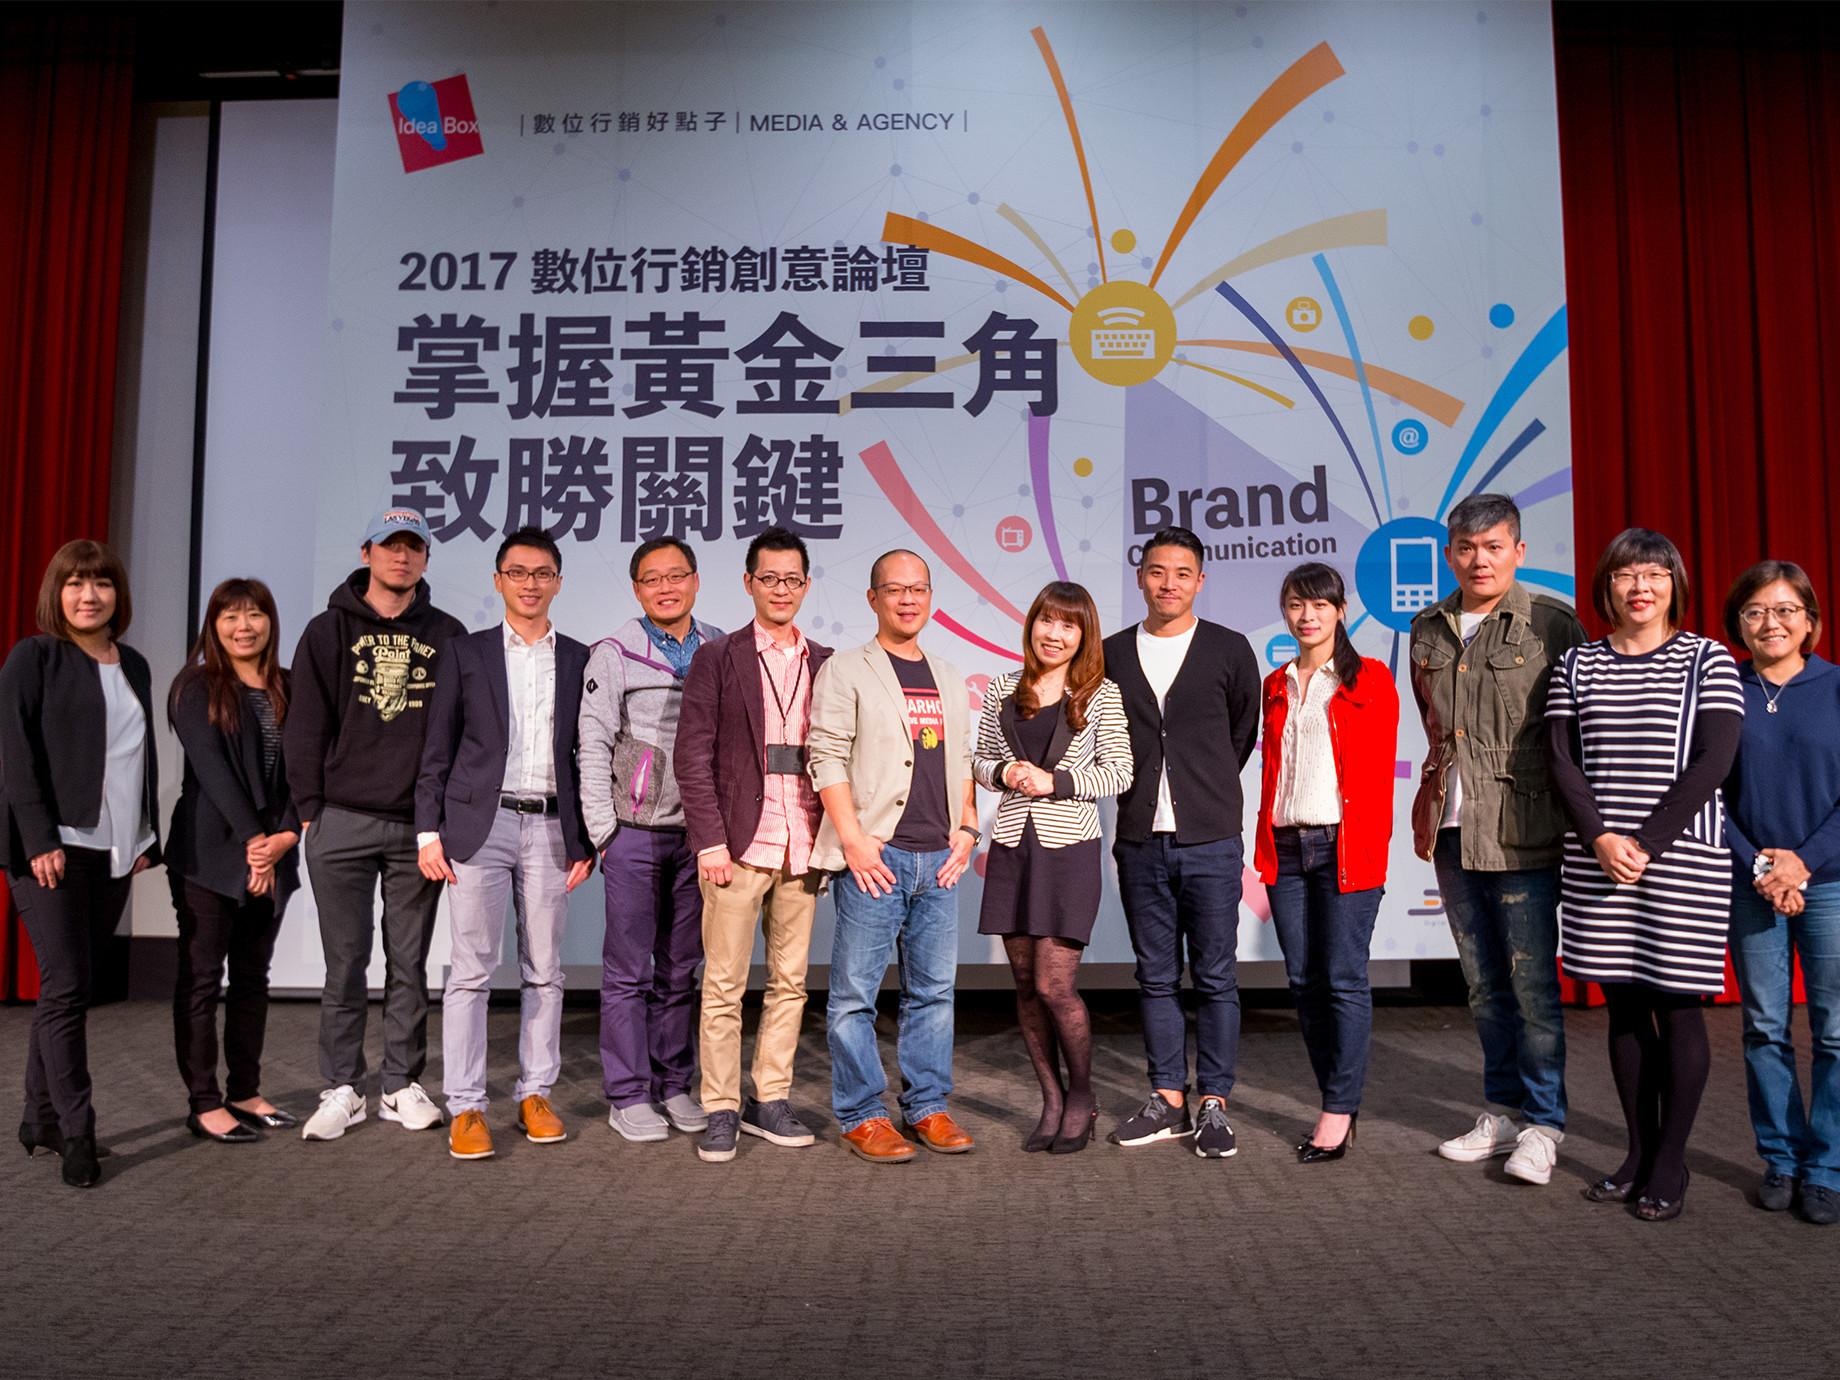 社群x內容x行動,掌握3大策略再造品牌溝通魅力